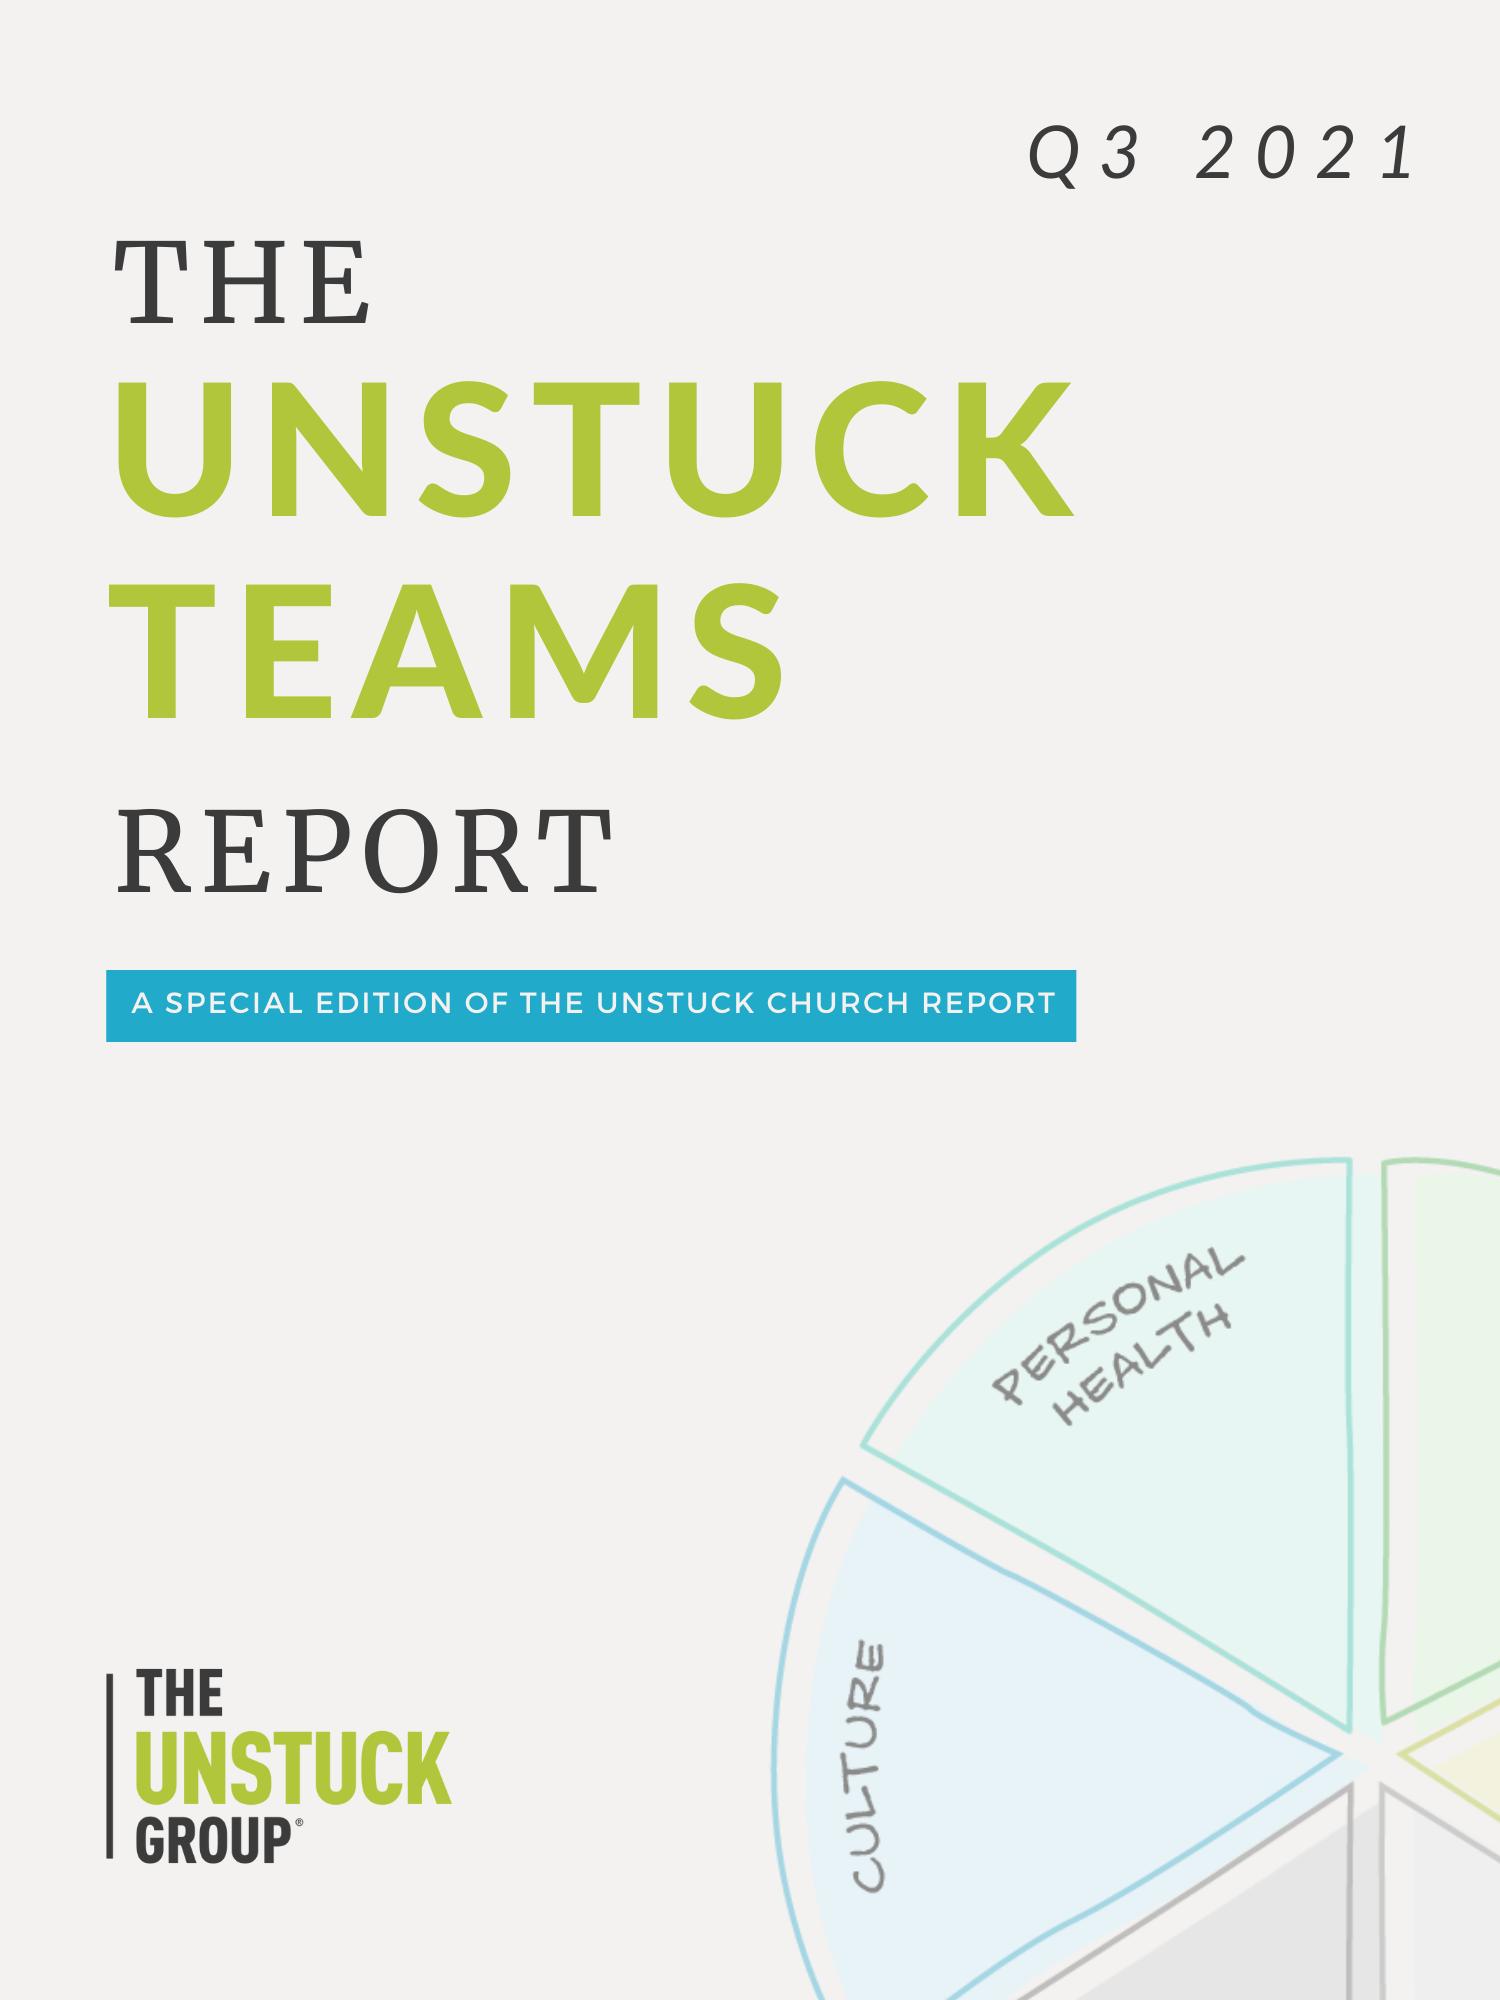 Unstuck Teams Report [Q3 2021]